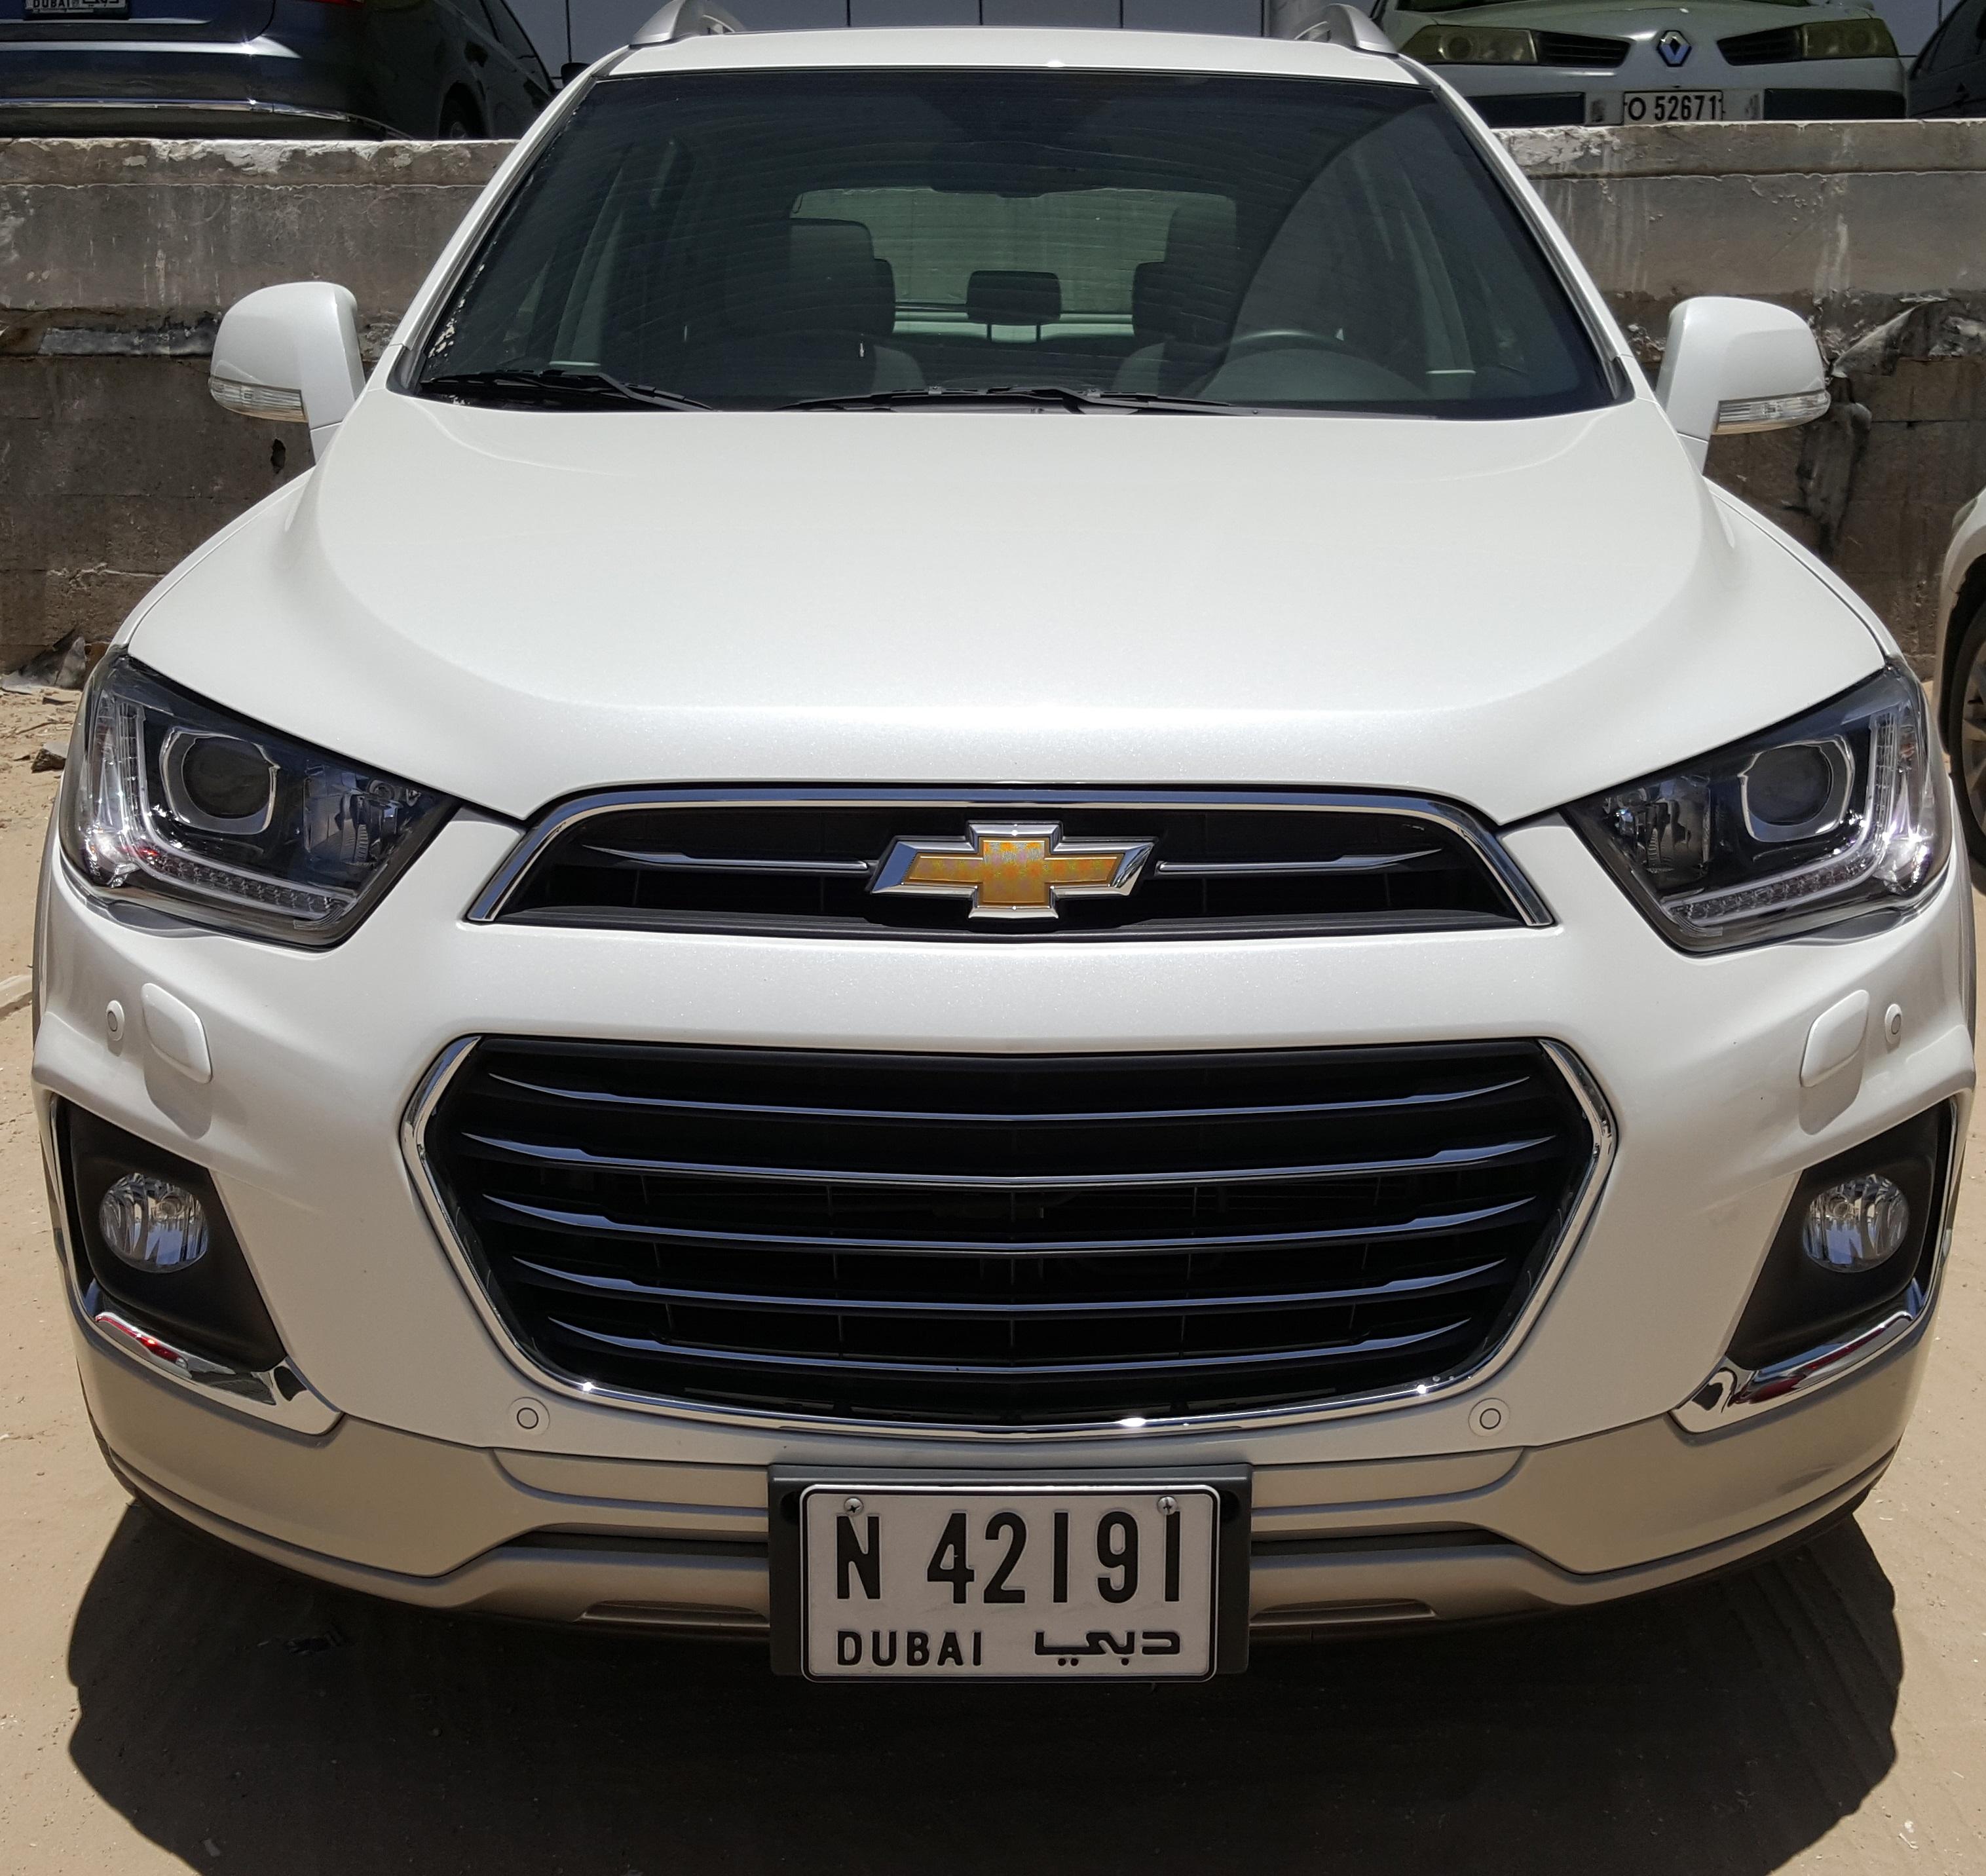 Chevrolet Captiva 2016 Review Uae Yallamotor